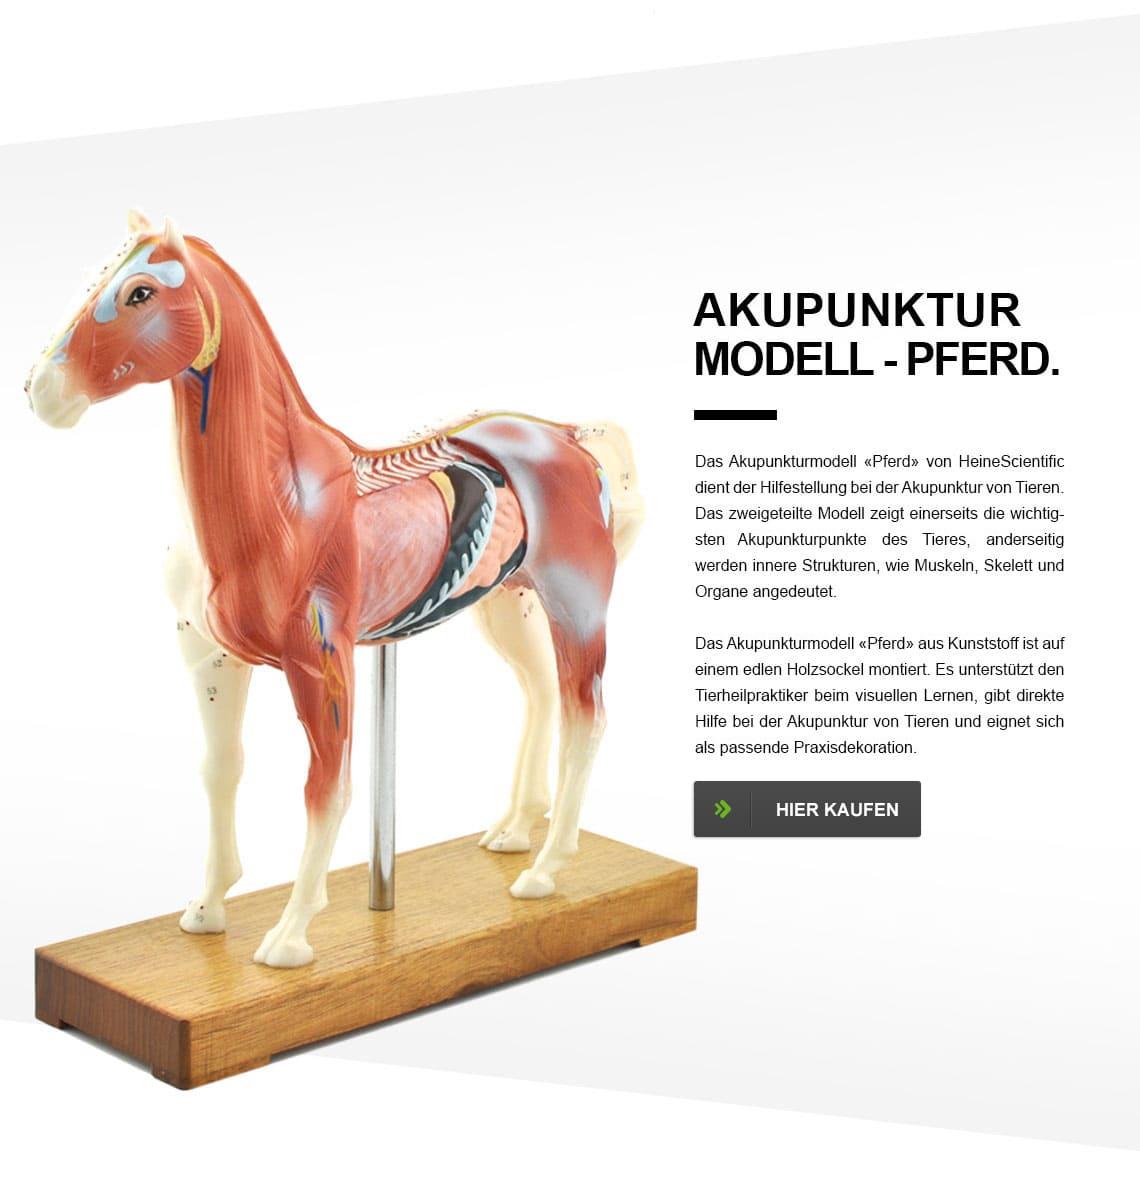 Atemberaubend Sichtbar Pferd Anatomie Modell Fotos - Menschliche ...